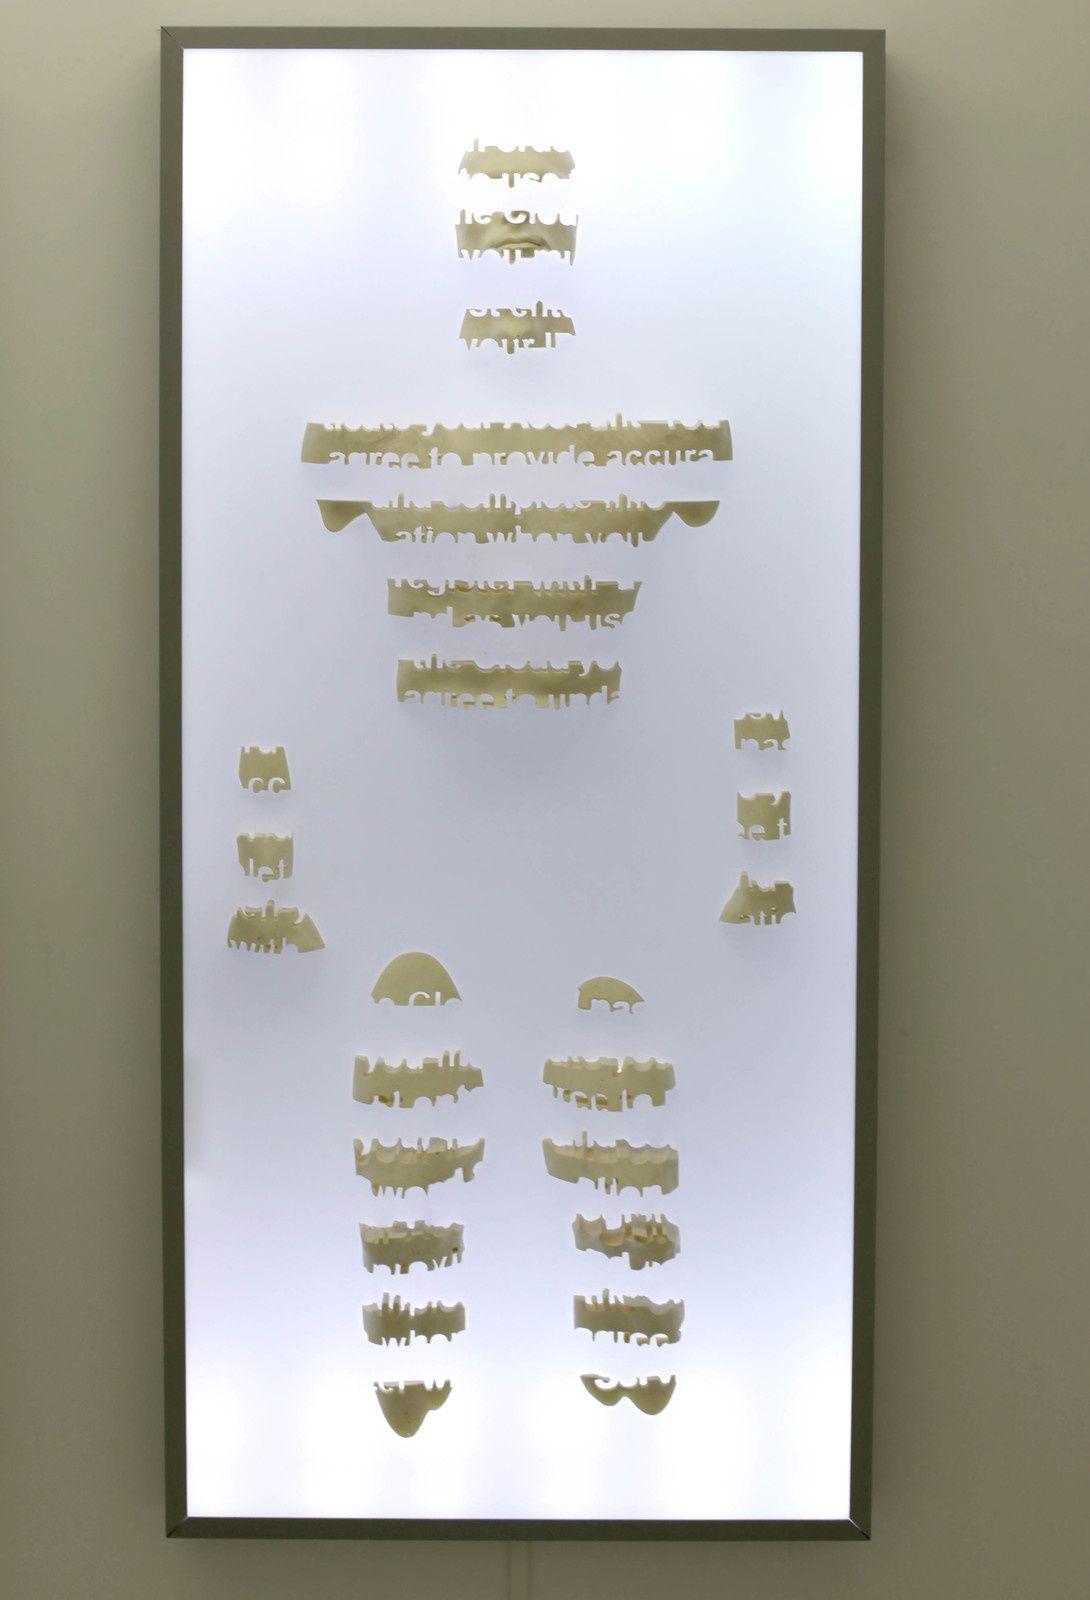 """""""Enlightener 12"""", 2015 de RECYCLE GROUP - Courtesy Galerie Suzanne Tarasiève Paris © Photo Éric Simon"""